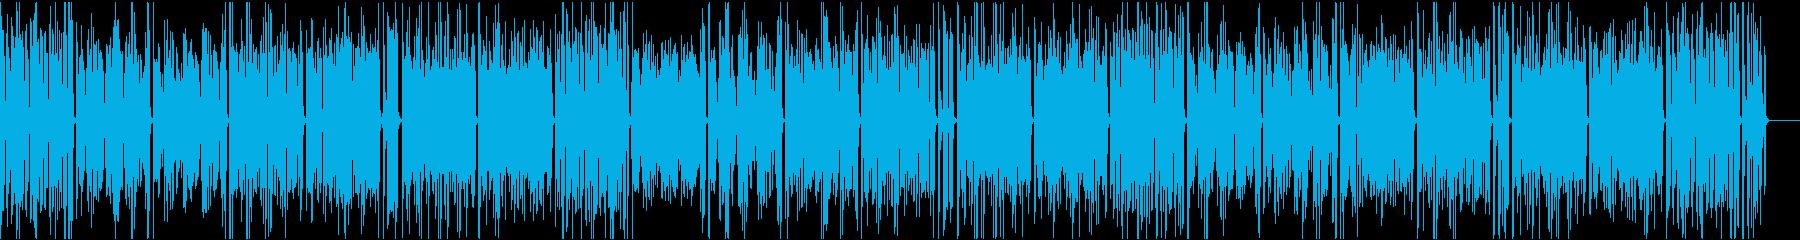 おしゃれイケイケ/静かめカラオケの再生済みの波形